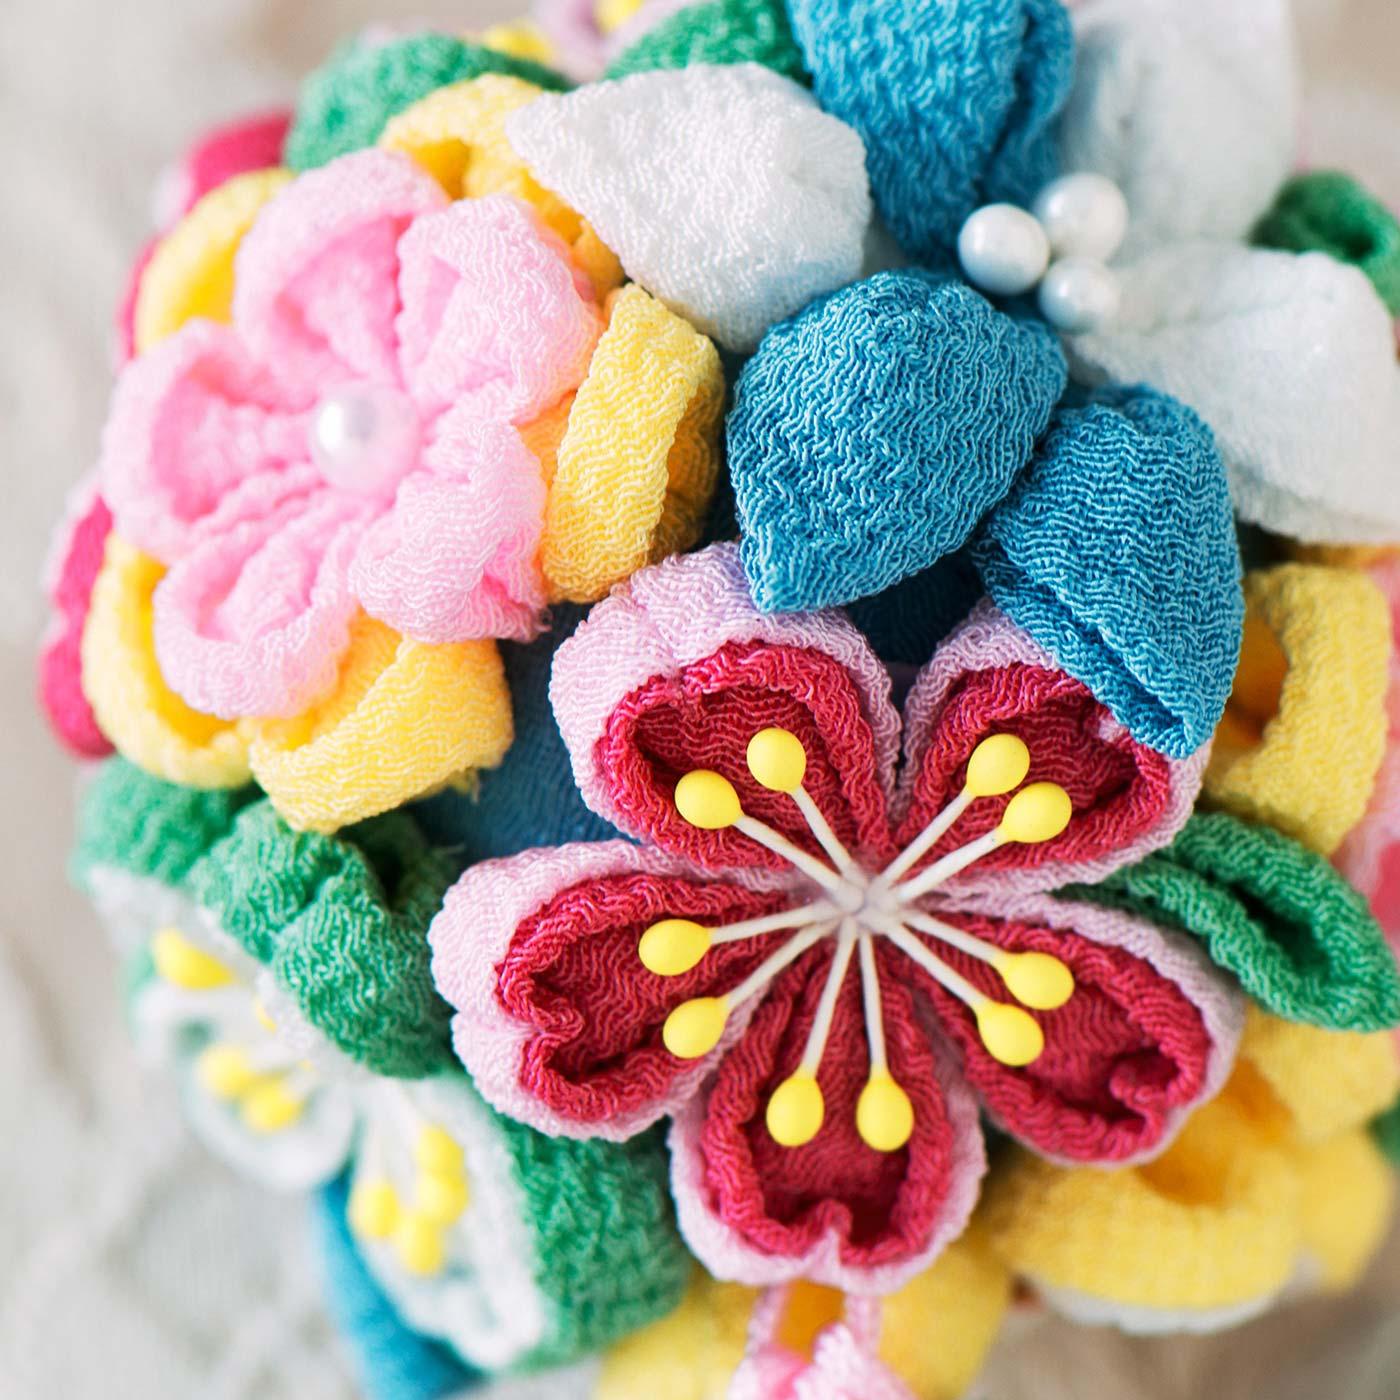 さまざまなお花をぎゅっと集めて、絶妙なバランスでレイアウト。つまみ細工の立体感が際立って、360度どこから見ても美しく迫力も満点。